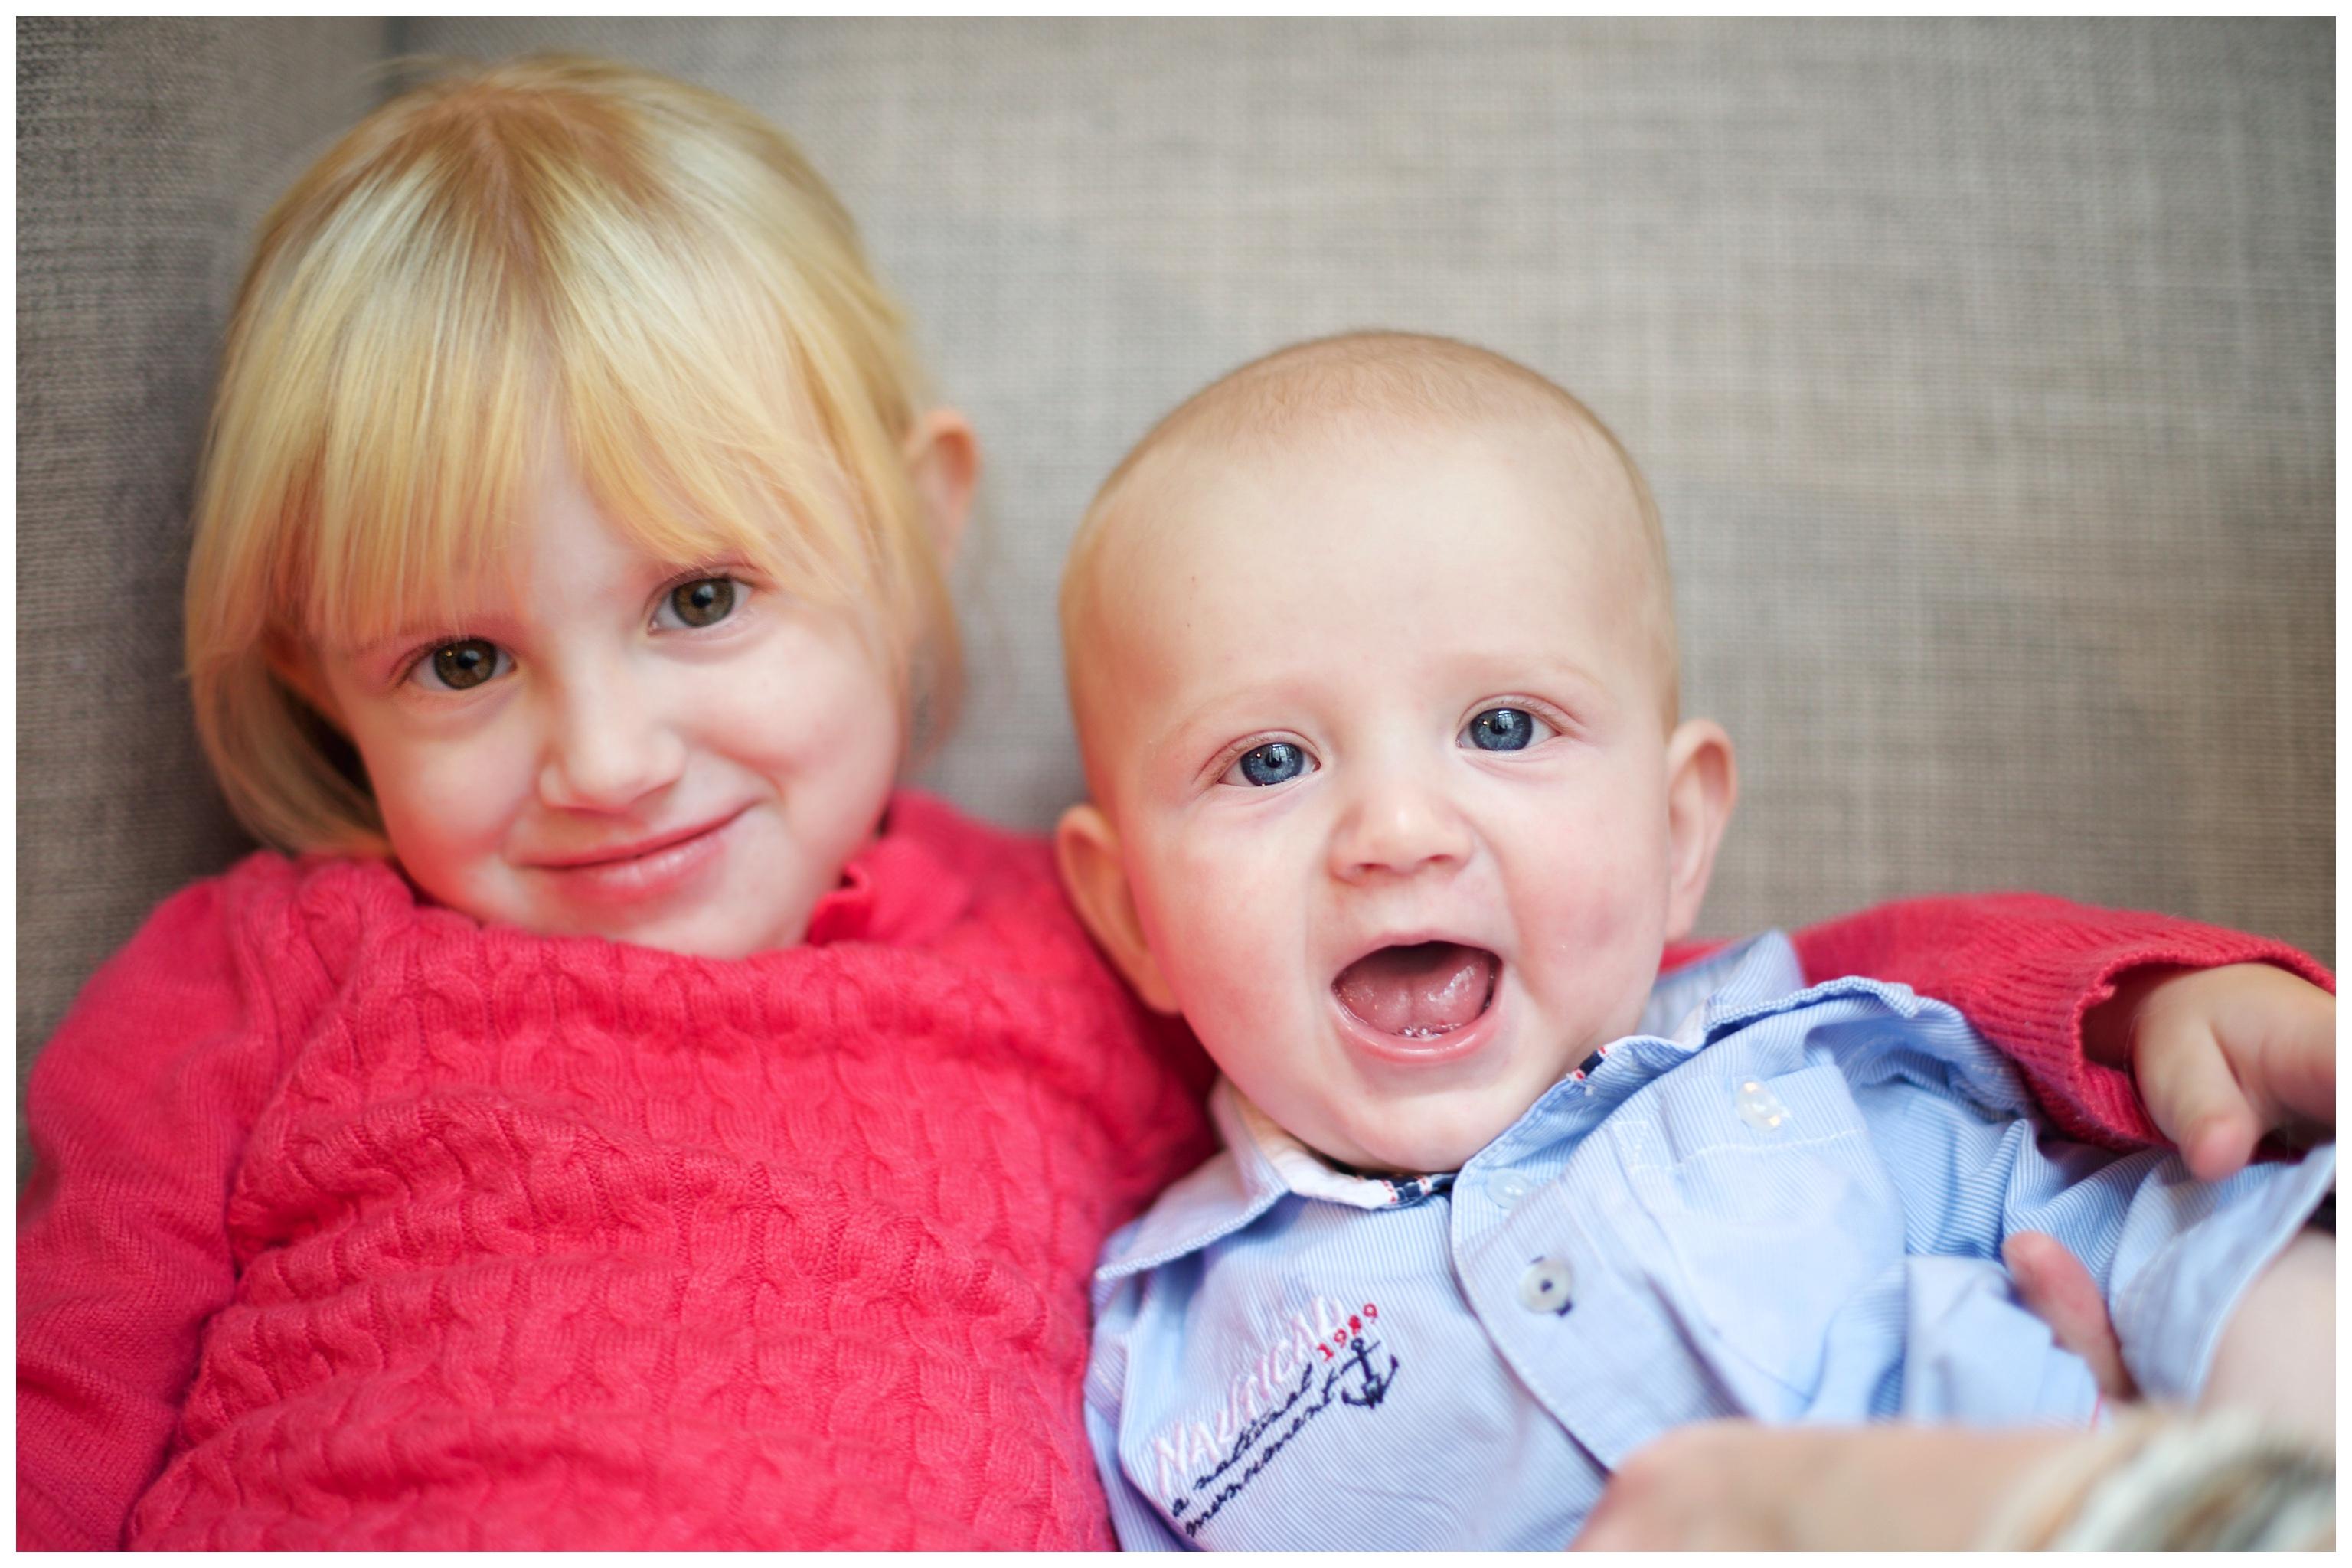 Familjefotografering hemma. Barn och familjefotograf Erika Aminoff i Stockholm